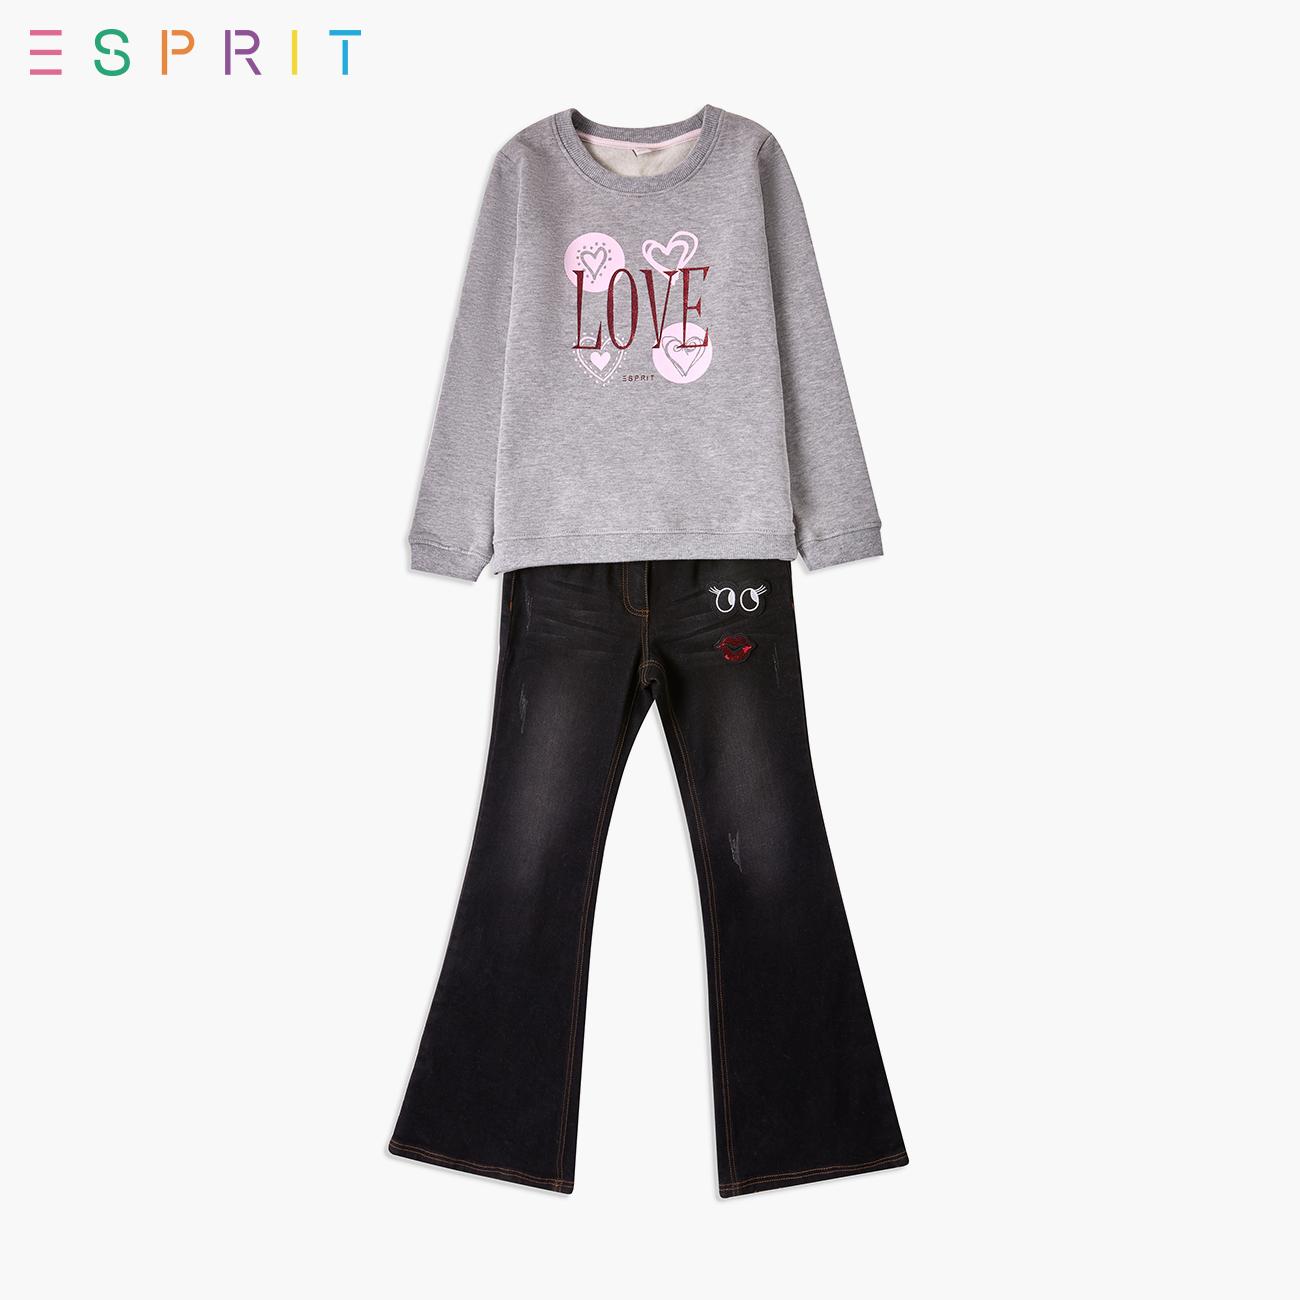 ESPRIT/ ангстрем этот плимут специальный футболки рукав глава досуг модельа девочки длинный рукав движение рубашка -XK2L0349